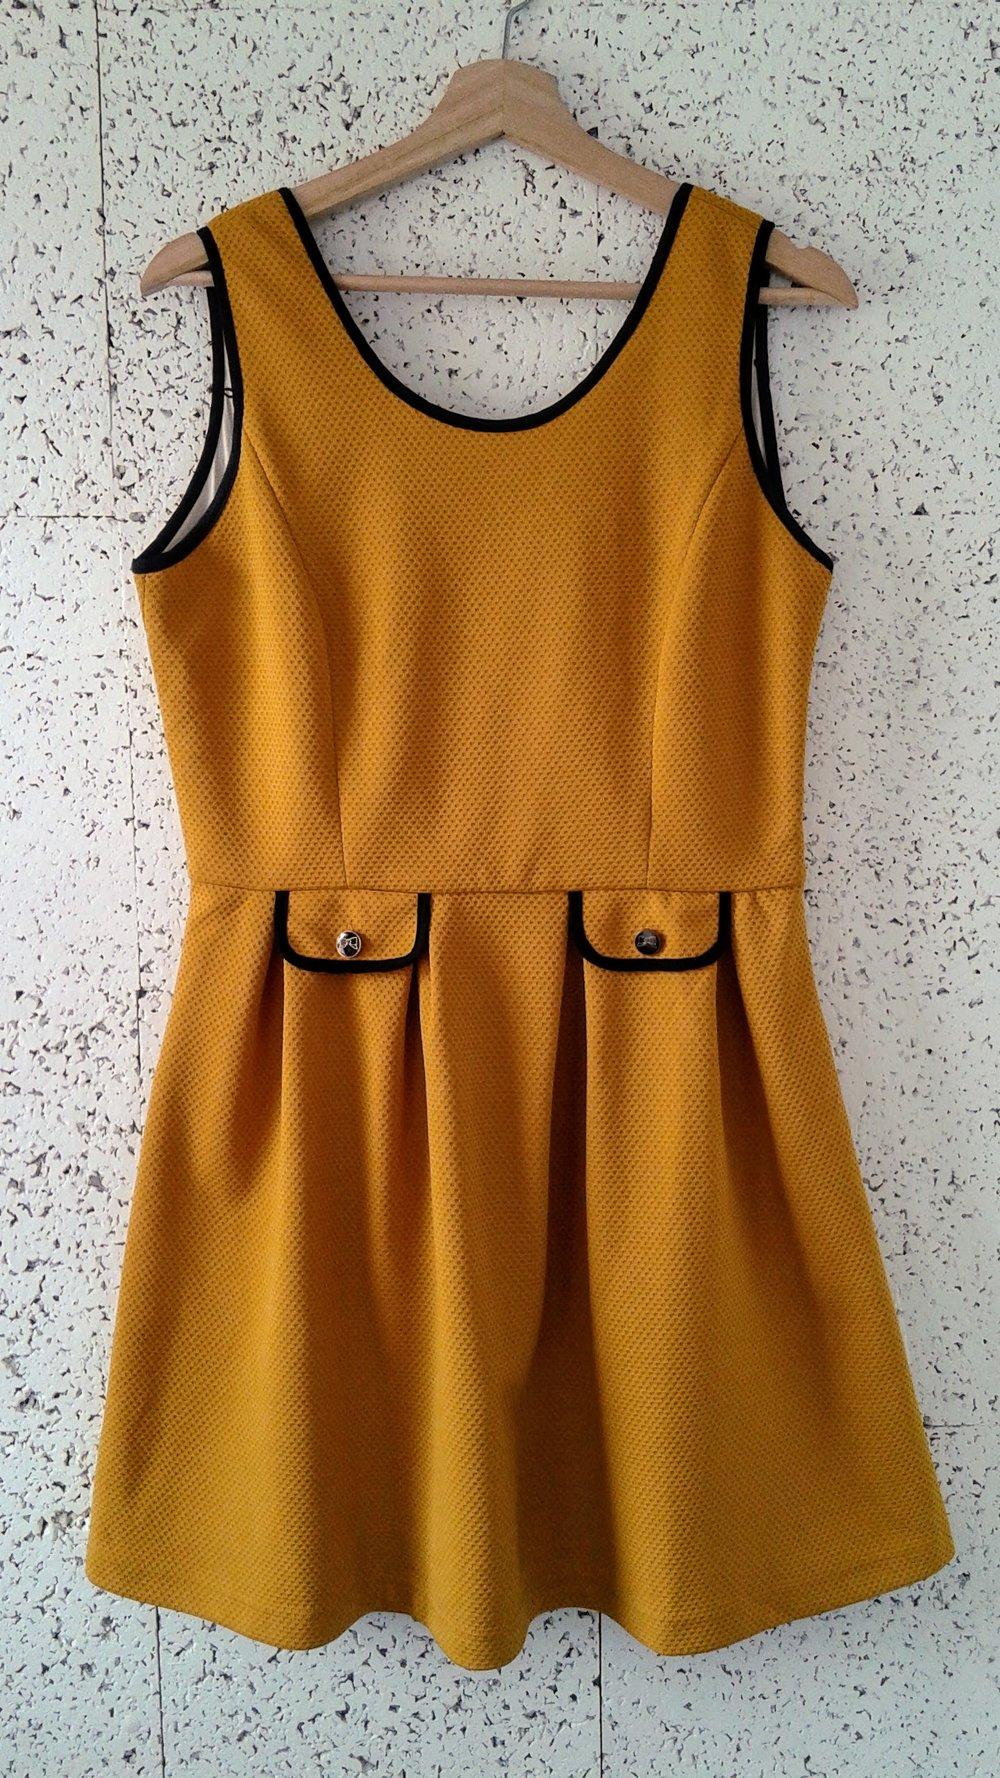 Yumi dress; Size 8, $42